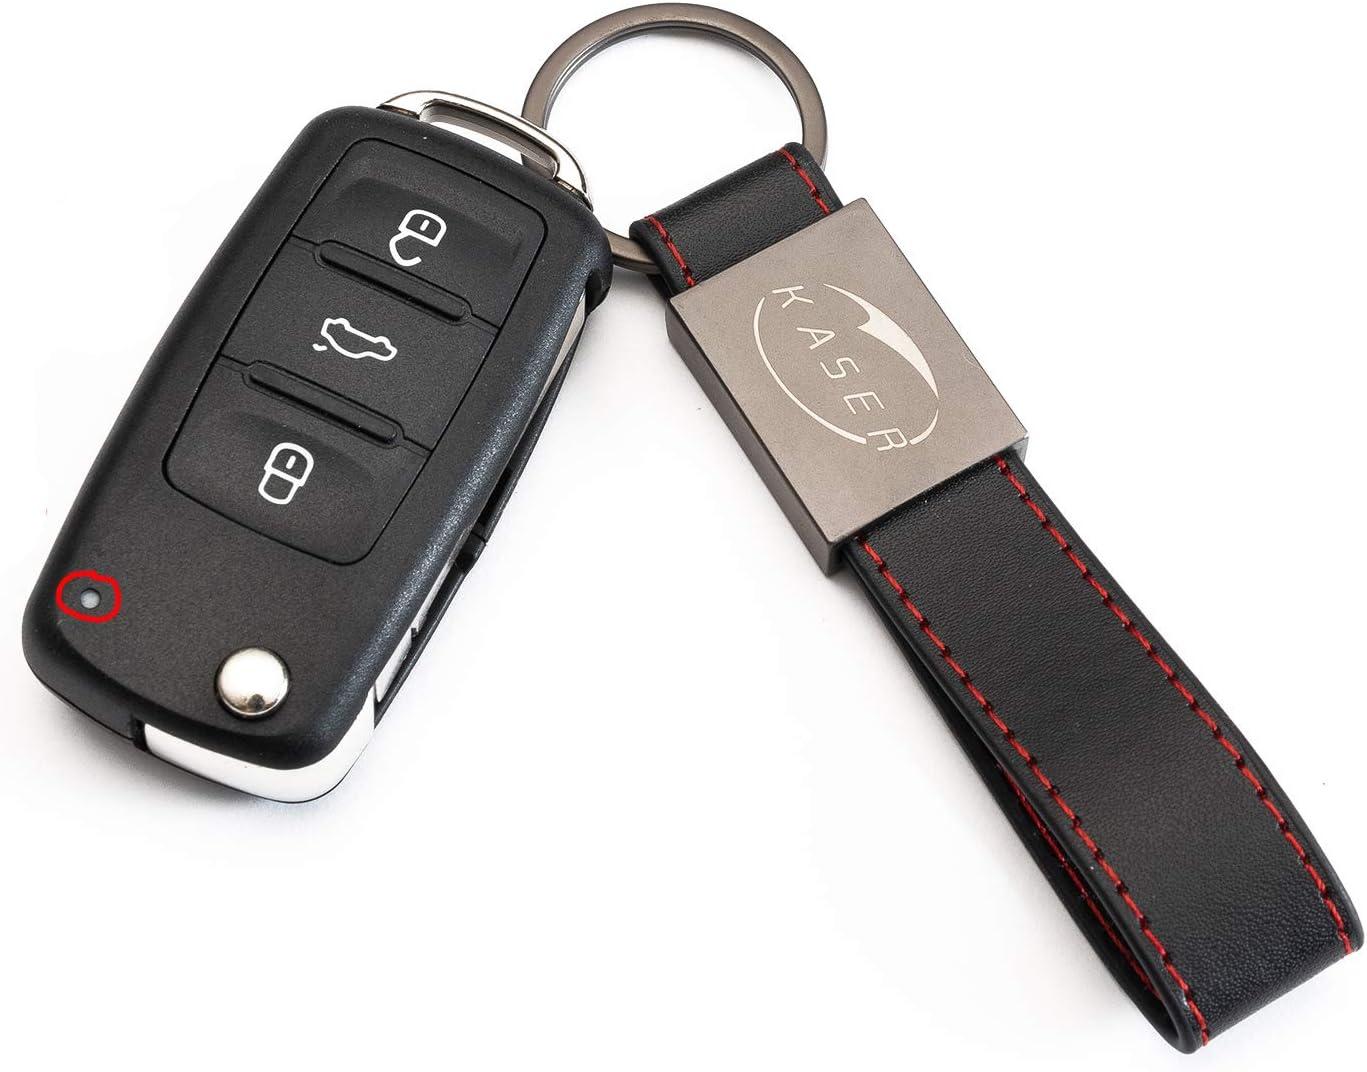 Carcasa Funda Llave Remoto Mando MK6 para VW Volkswagen Golf Polo ...